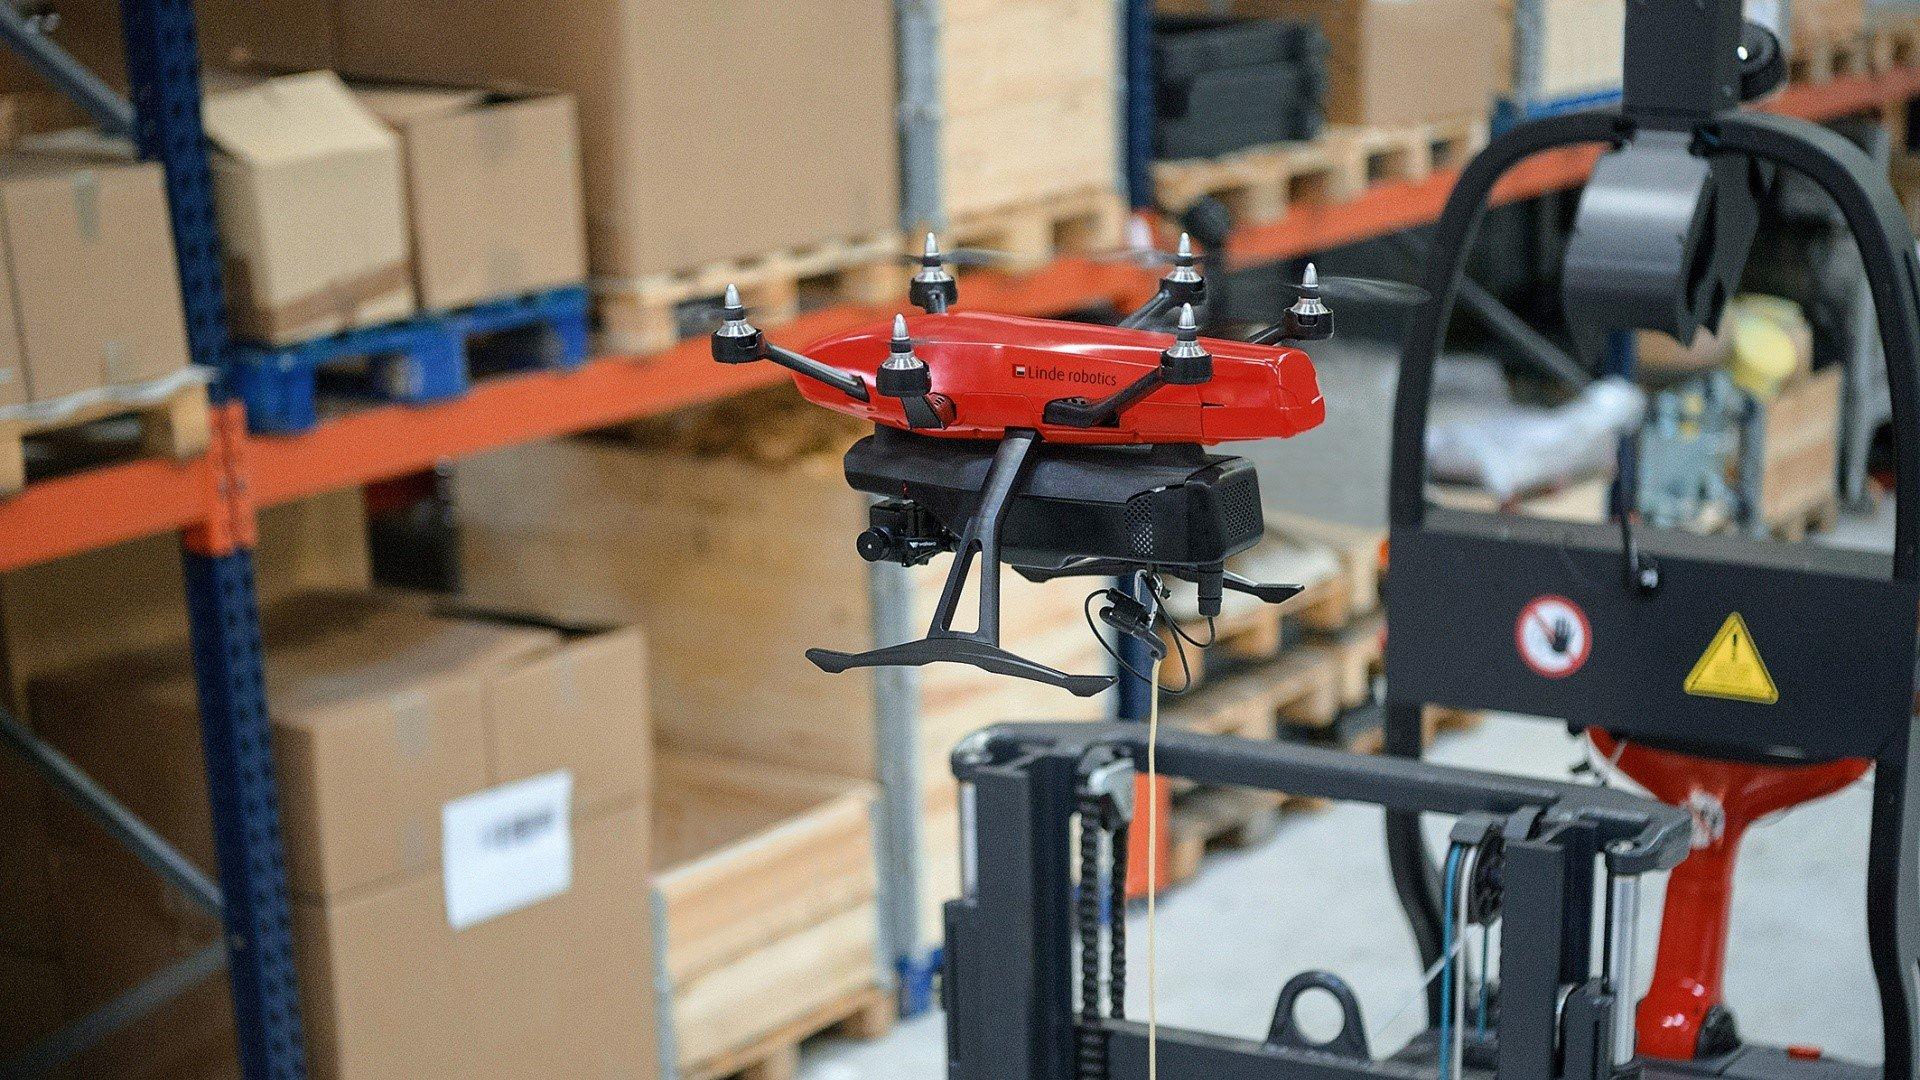 Einsatz einer Drohne im Lager